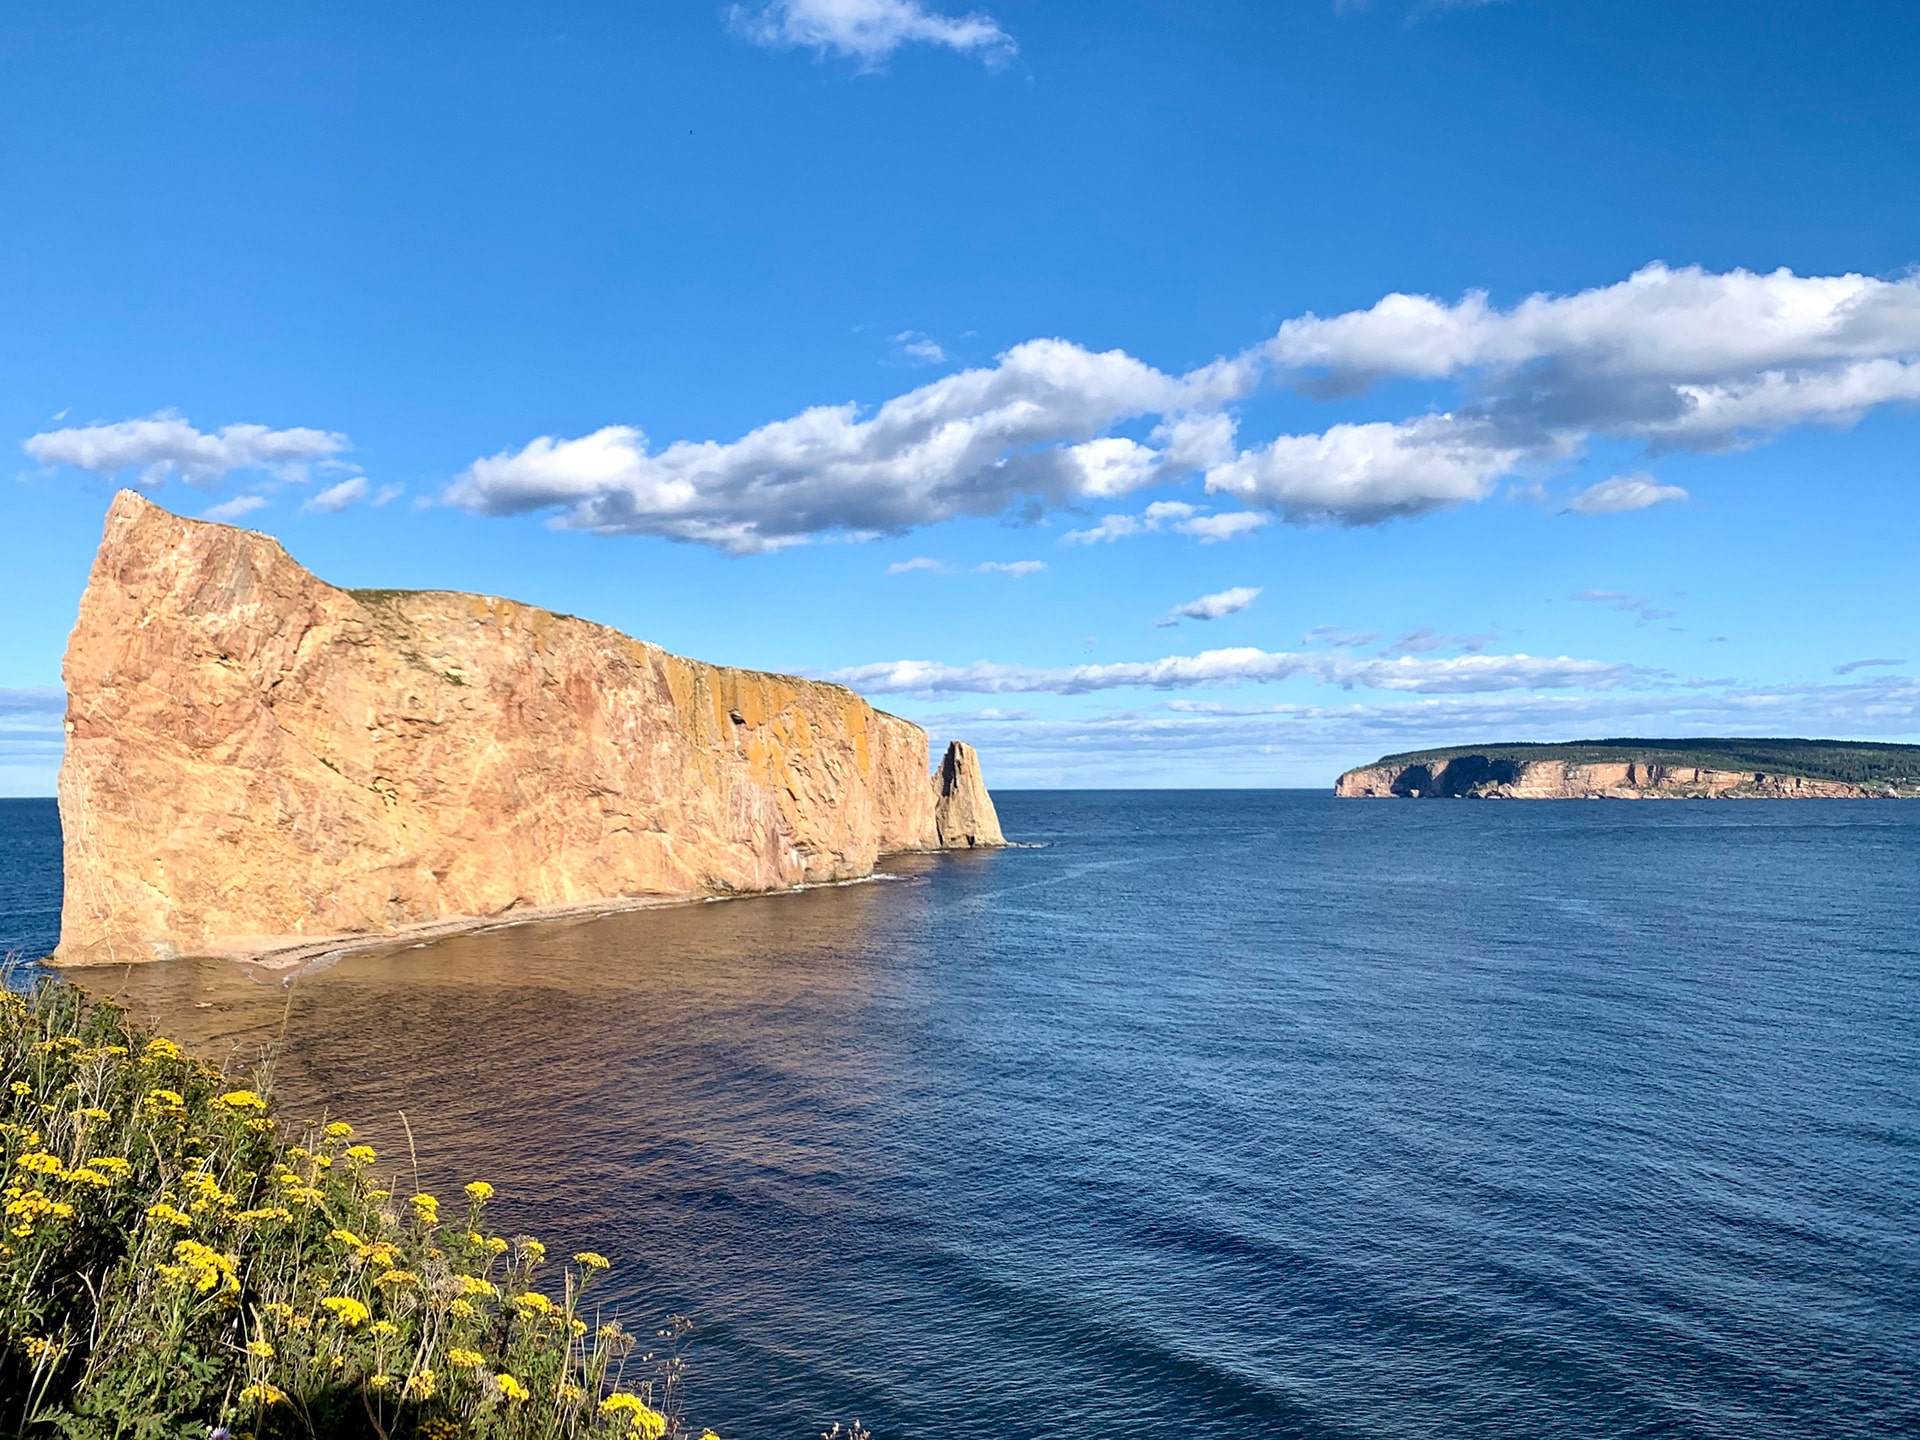 vue rocher percé - Québec